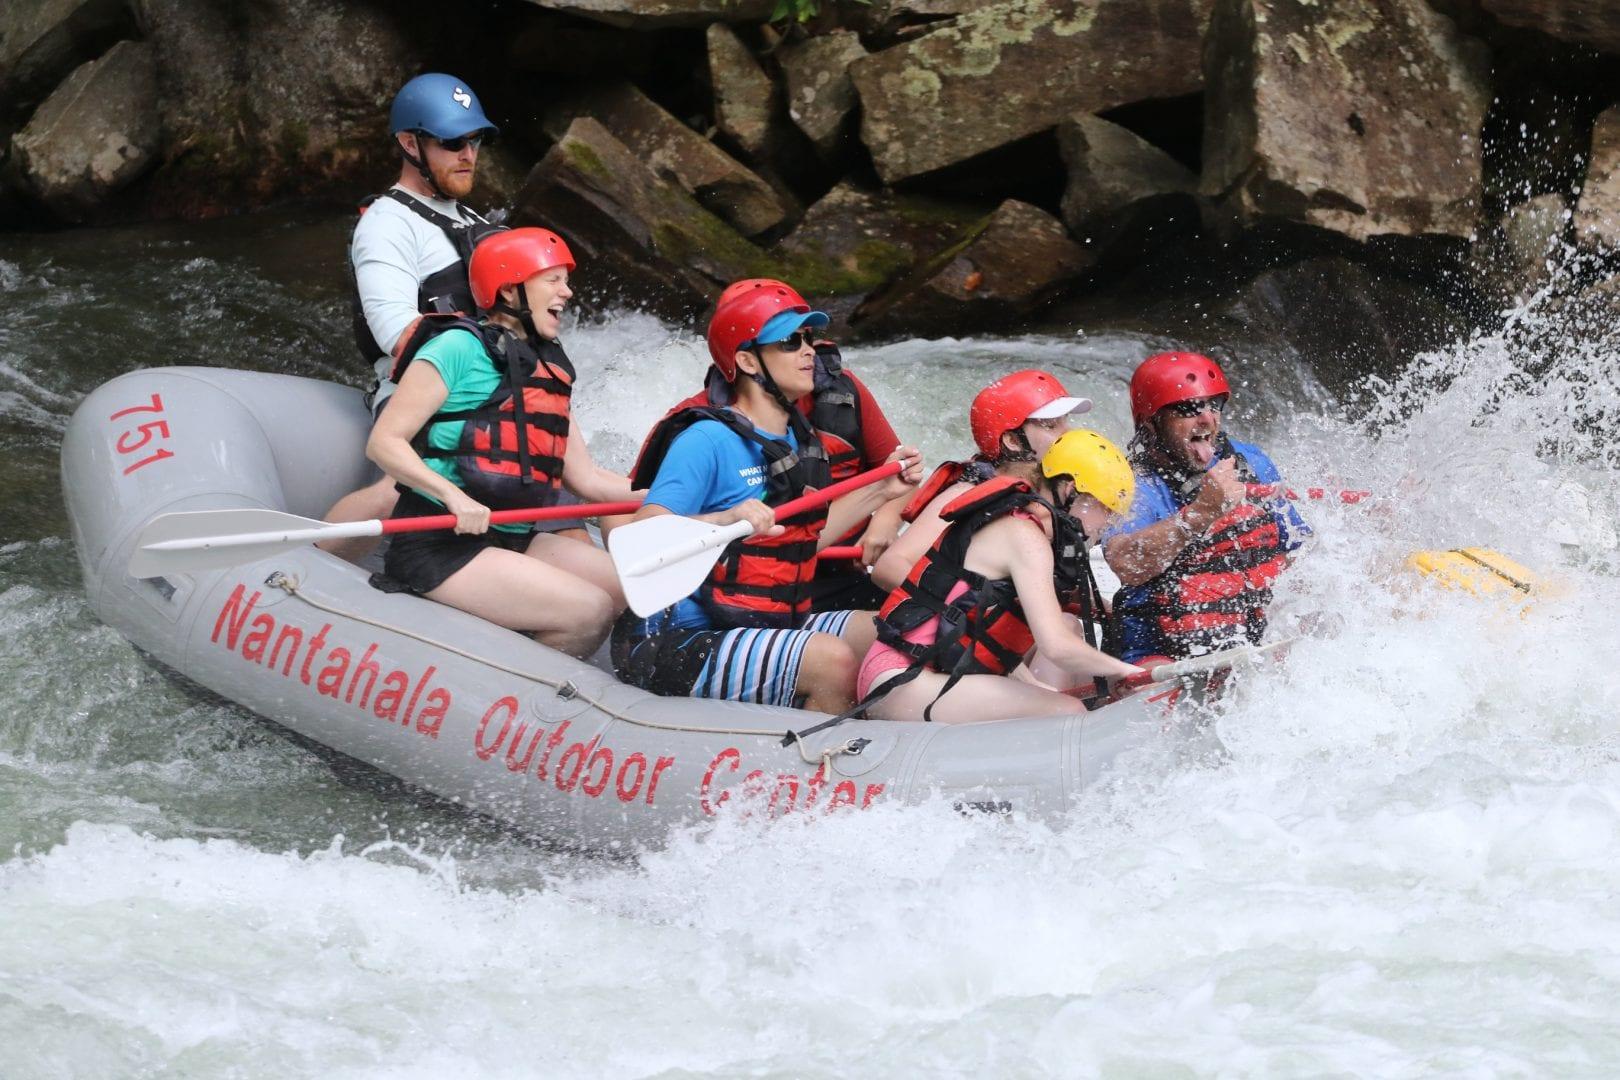 Campers enjoy navigating their raft through white water rapids